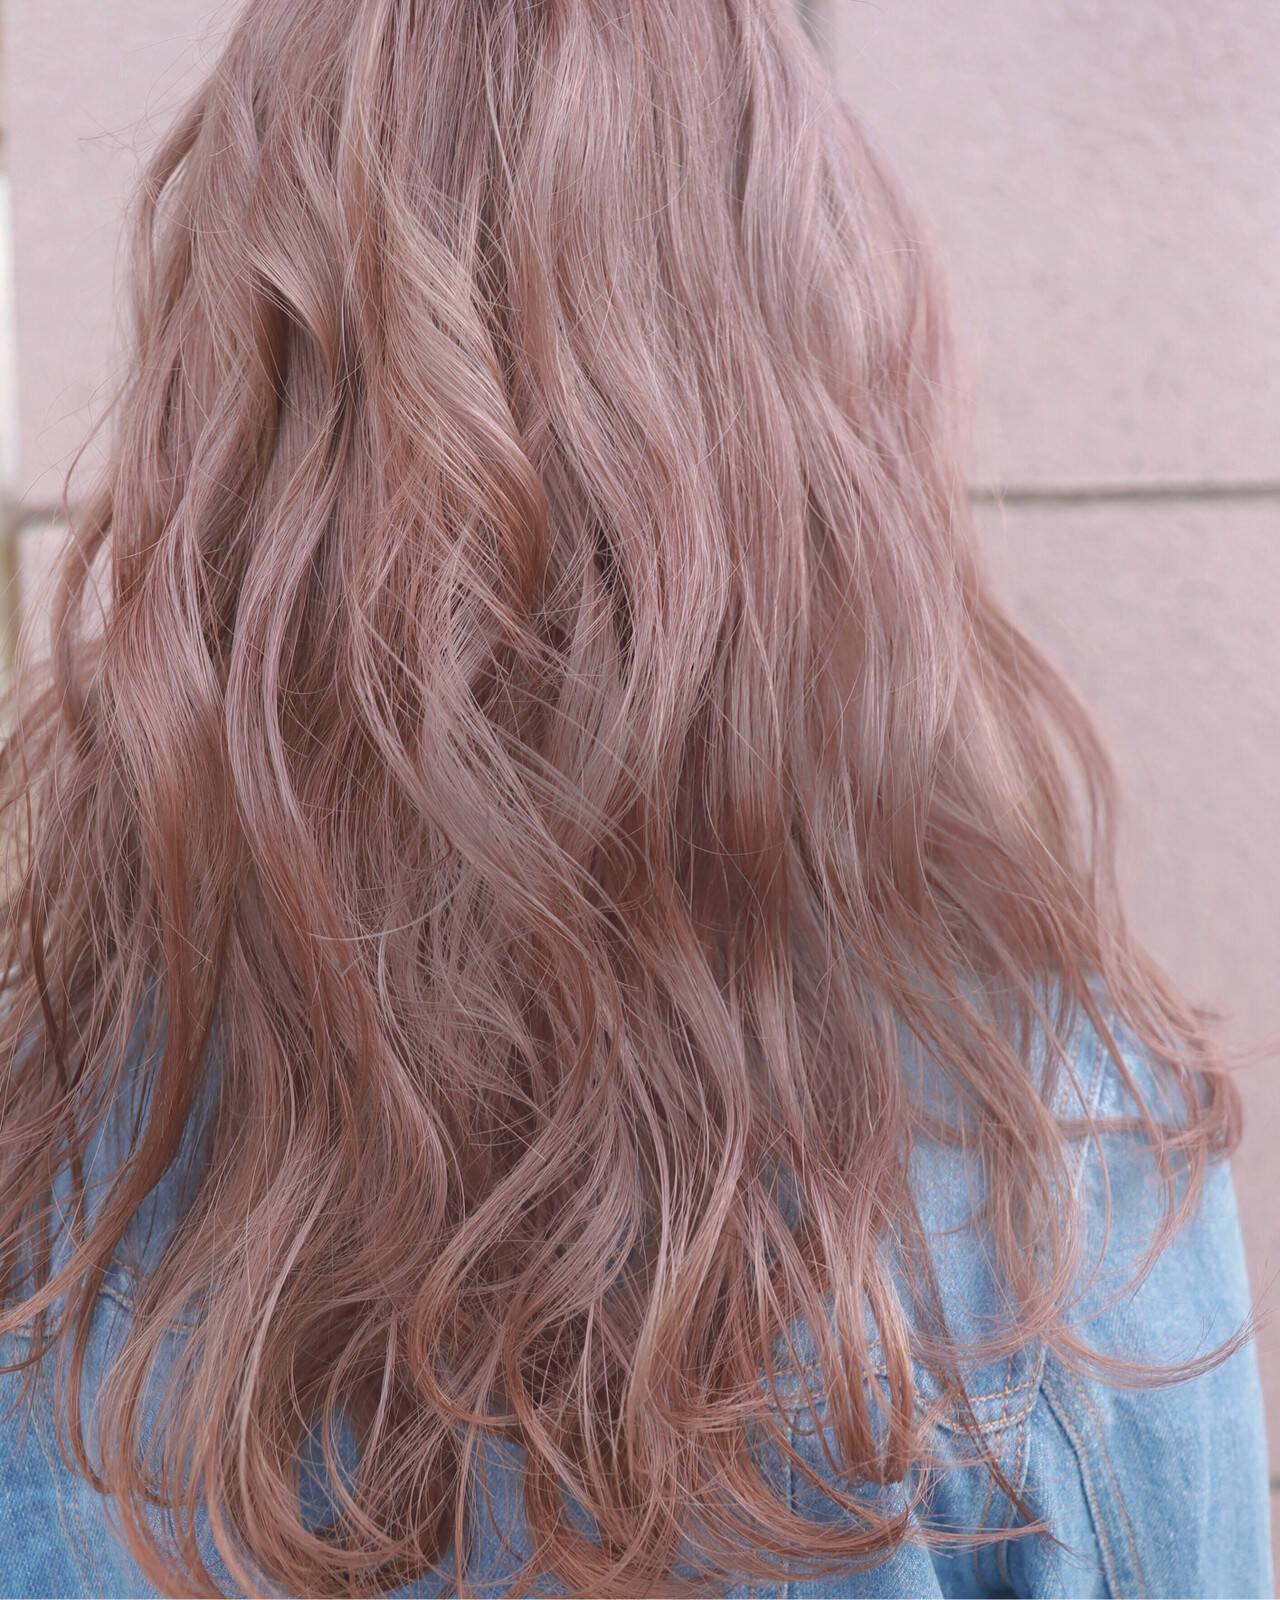 バレイヤージュ ナチュラル ロング 学生ヘアスタイルや髪型の写真・画像